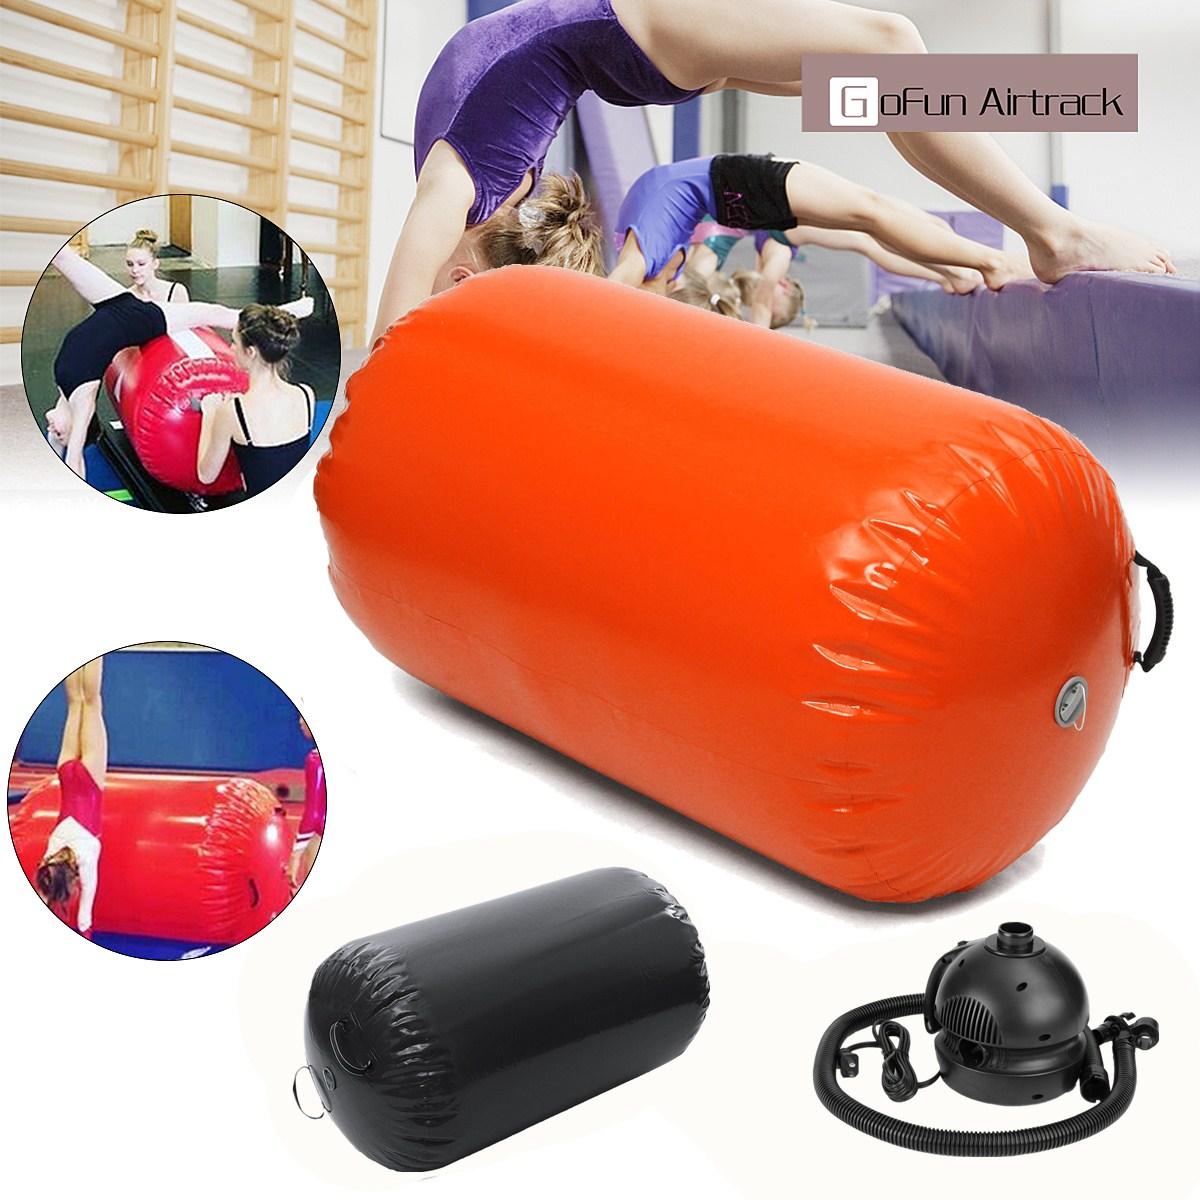 Gofun AirTrack Air cylindre Tumbling piste gymnastique exercice colonne gonflable Gym inversé Backflip entraînement enfants en sécurité - 2